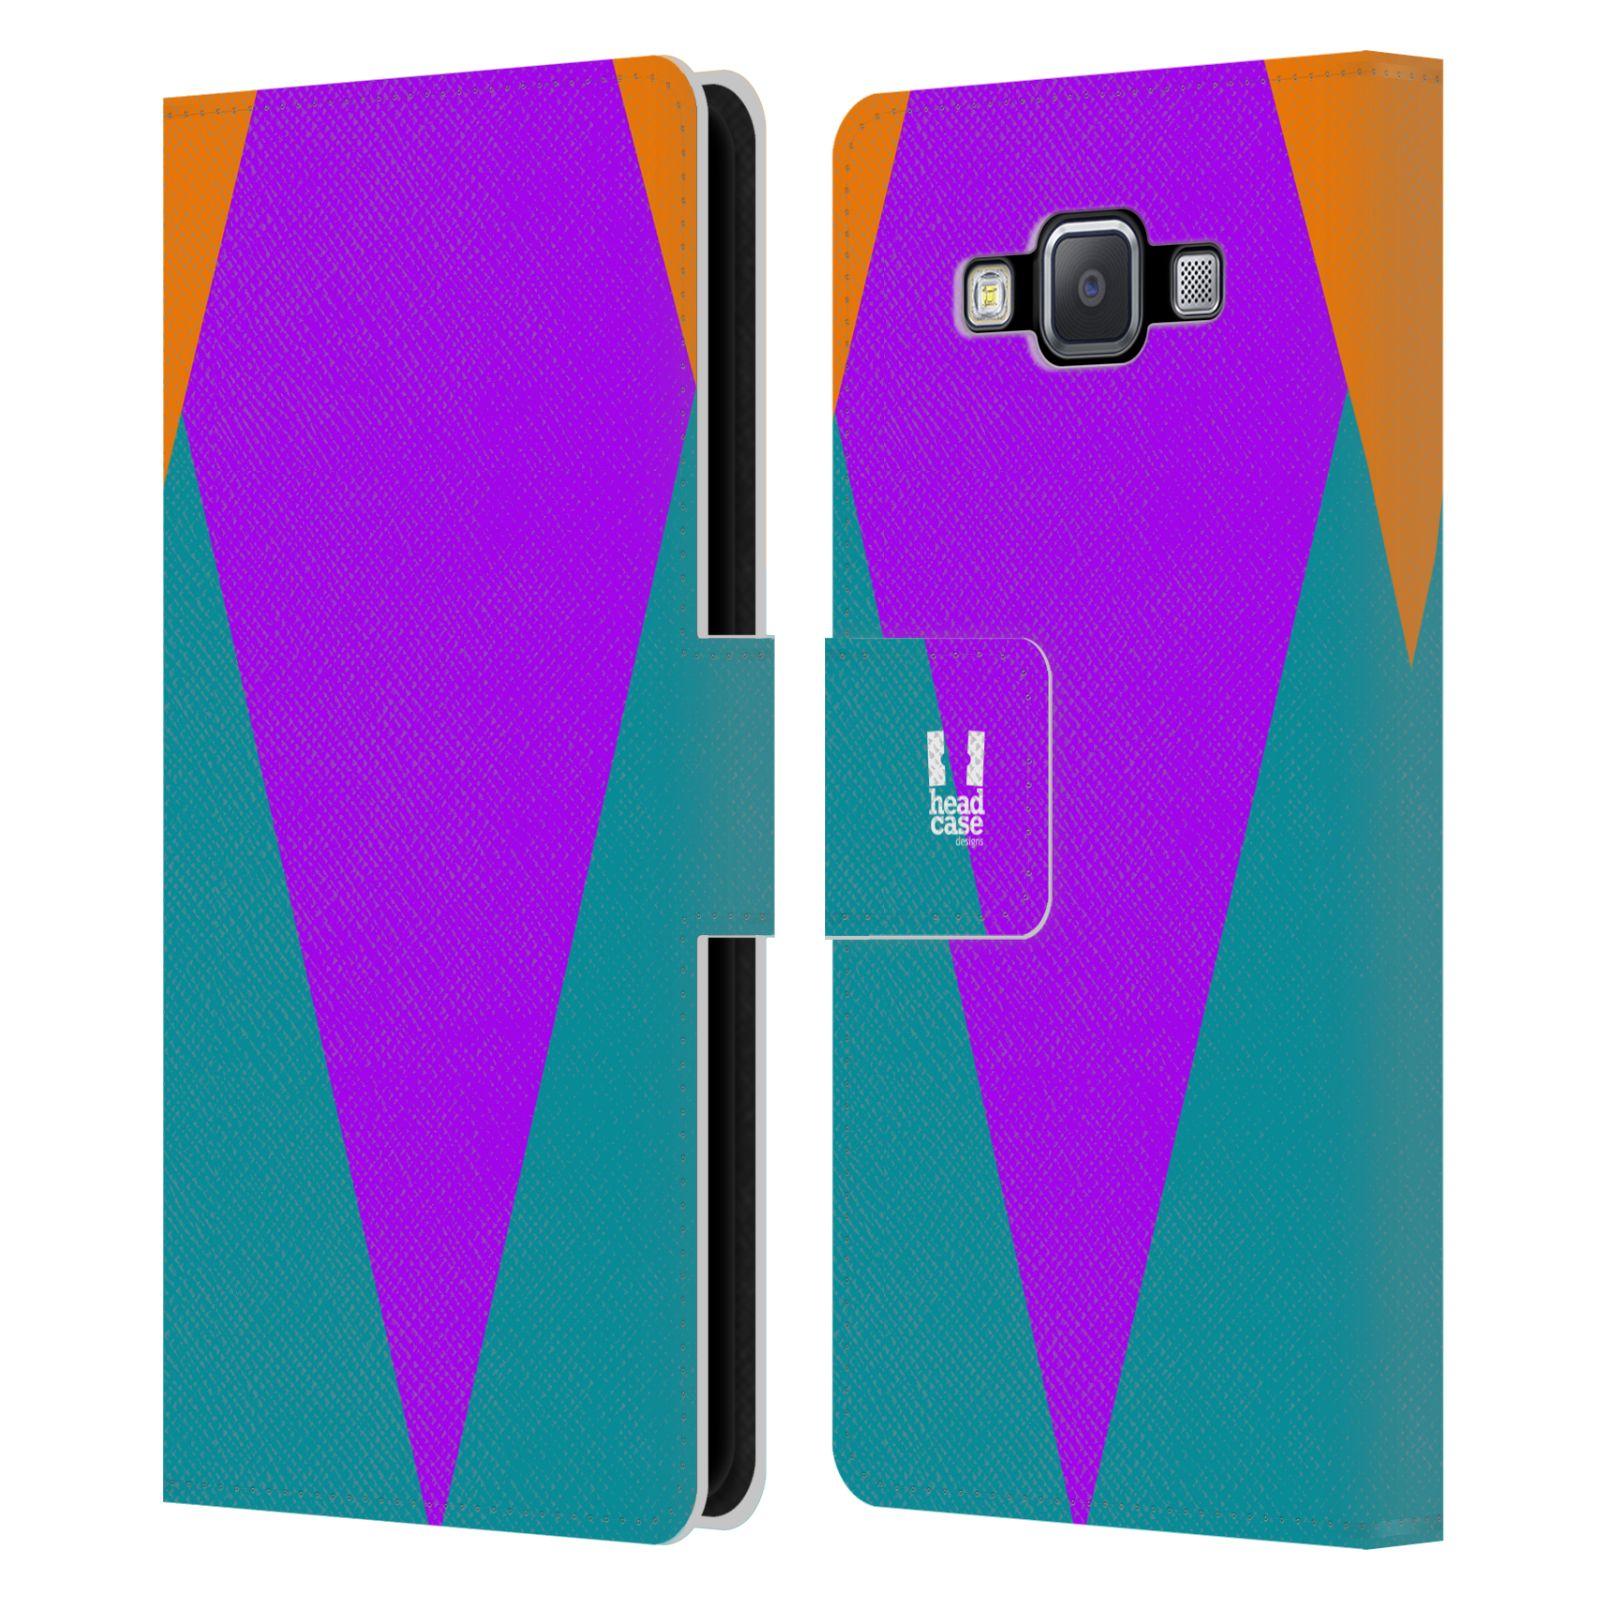 HEAD CASE Flipové pouzdro pro mobil Samsung Galaxy A5 barevné tvary šipka fialová